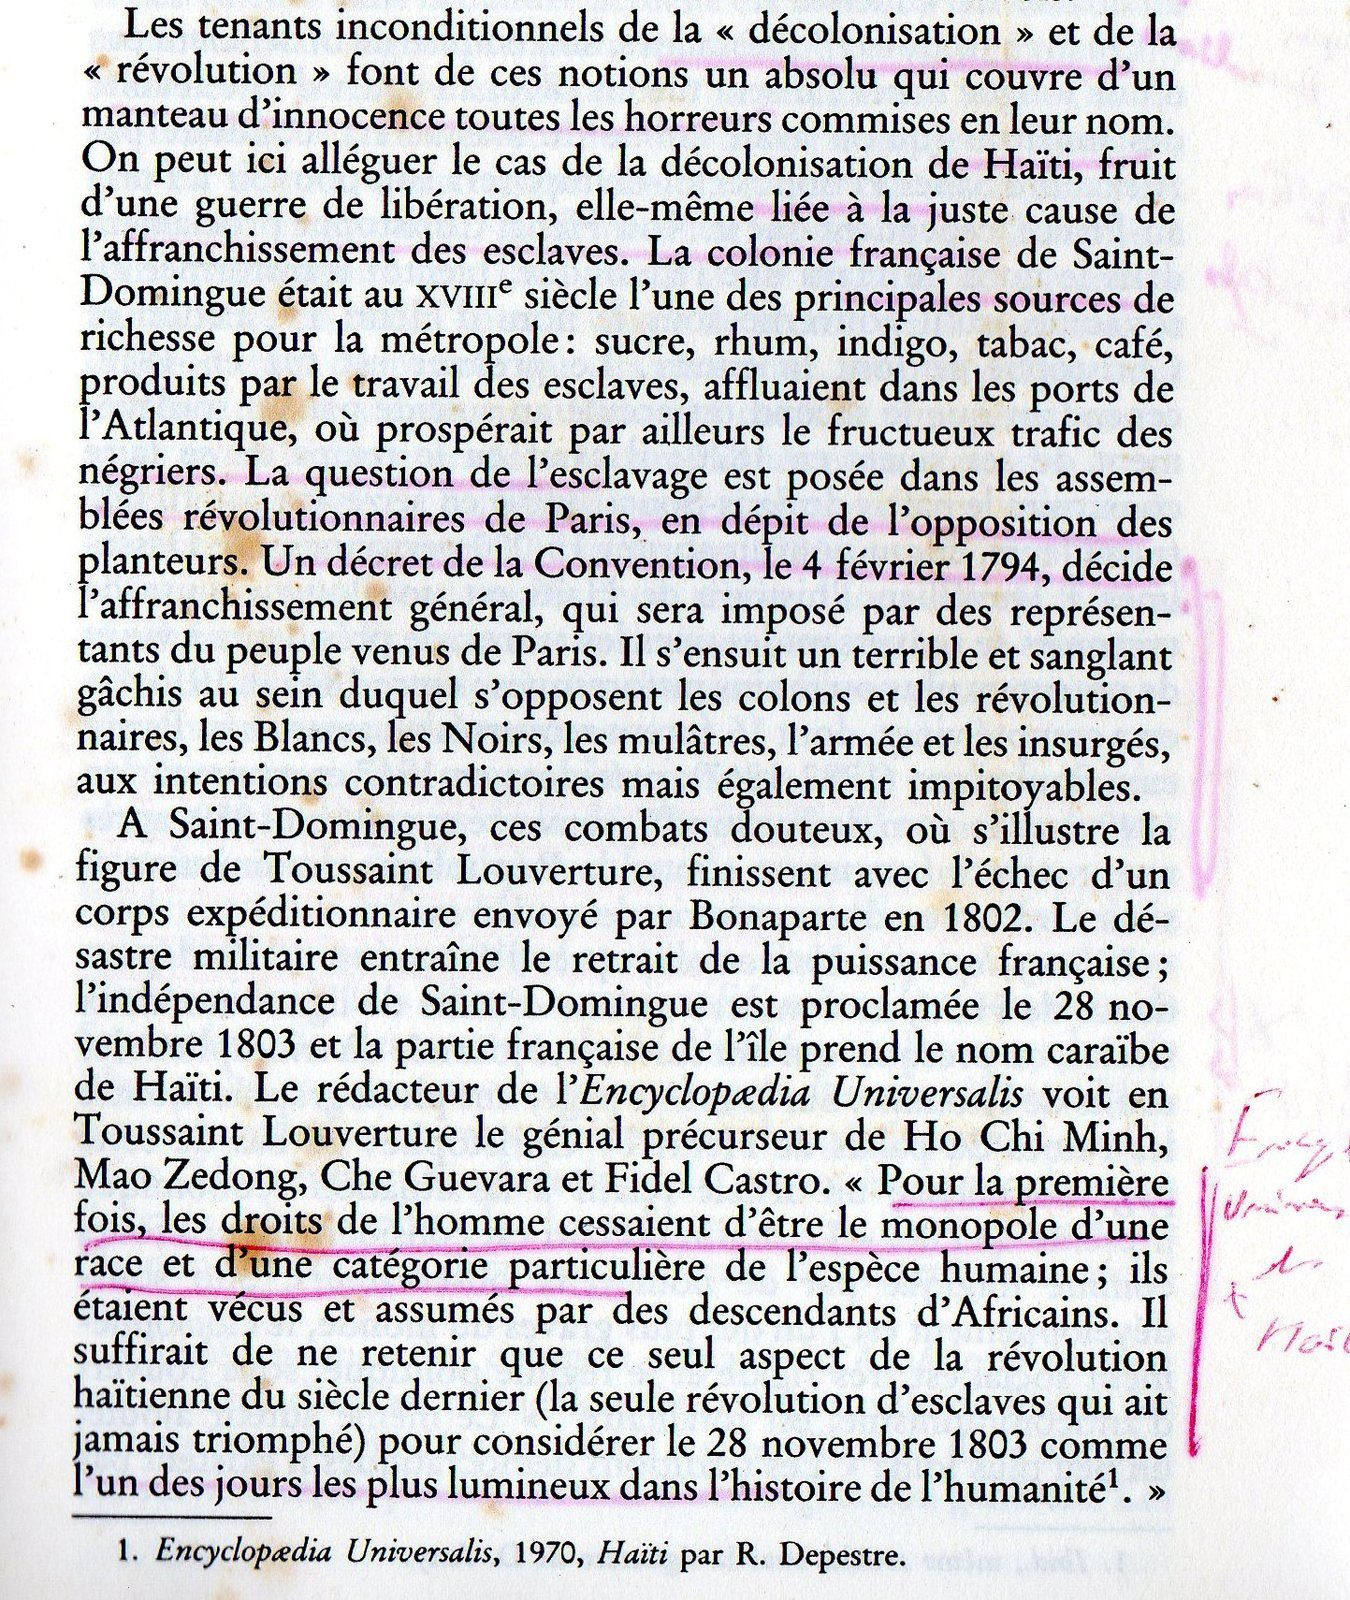 ( 1 ) Henri 1er, le roi Christophe. ( 2 ) Etat actuel du Palais du roi Christophe. ( 3 ) Livre de Catherine Eve Roupert. ( 4 )